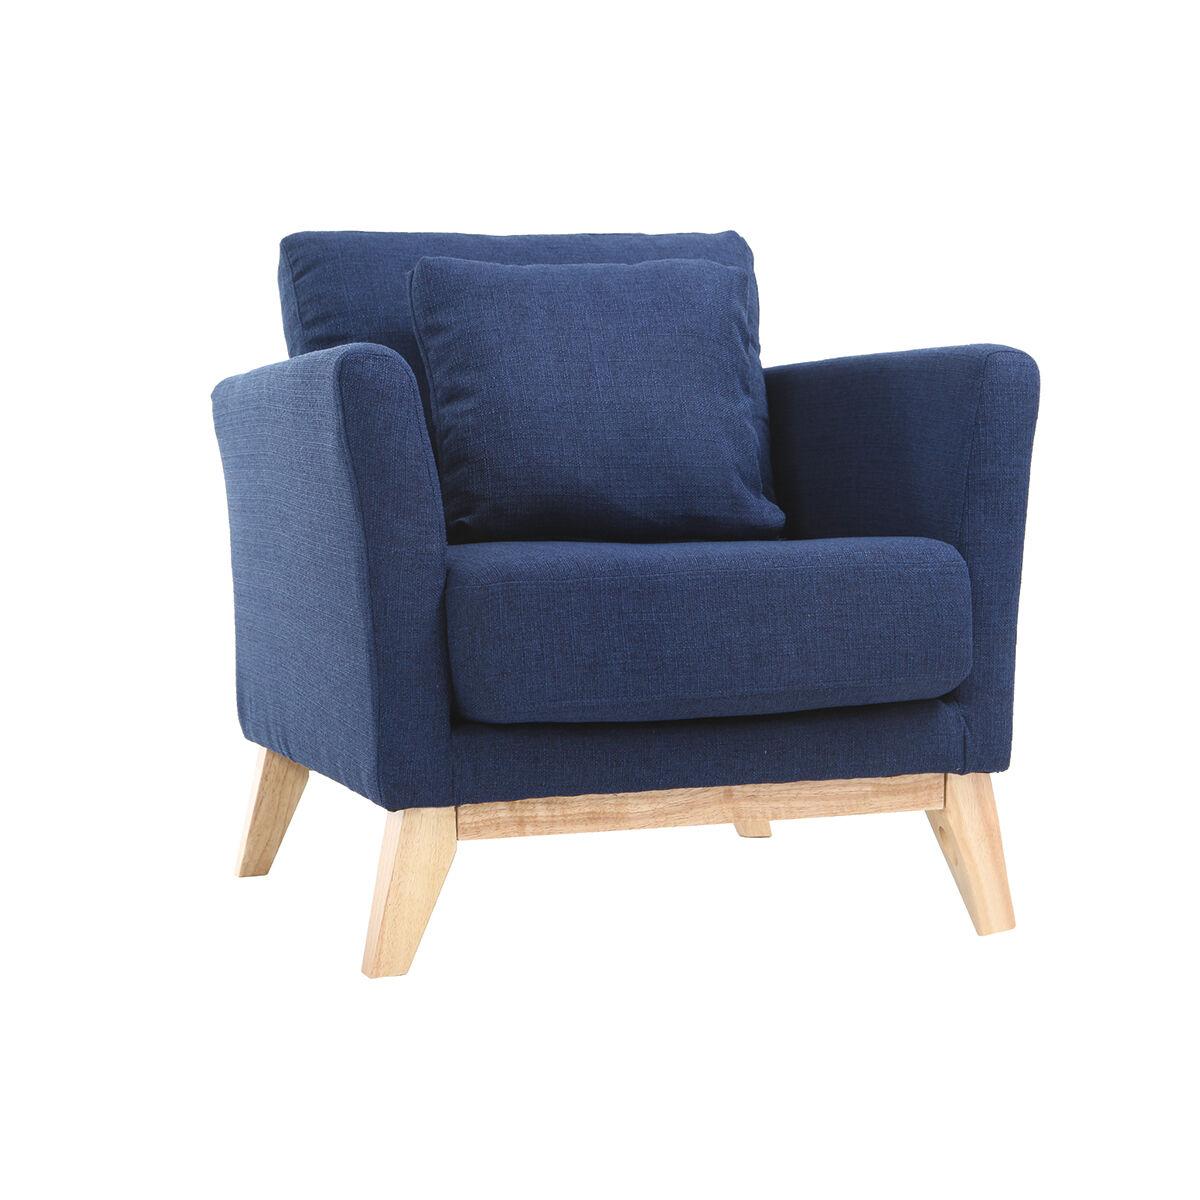 Miliboo Fauteuil scandinave déhoussable bleu foncé OSLO